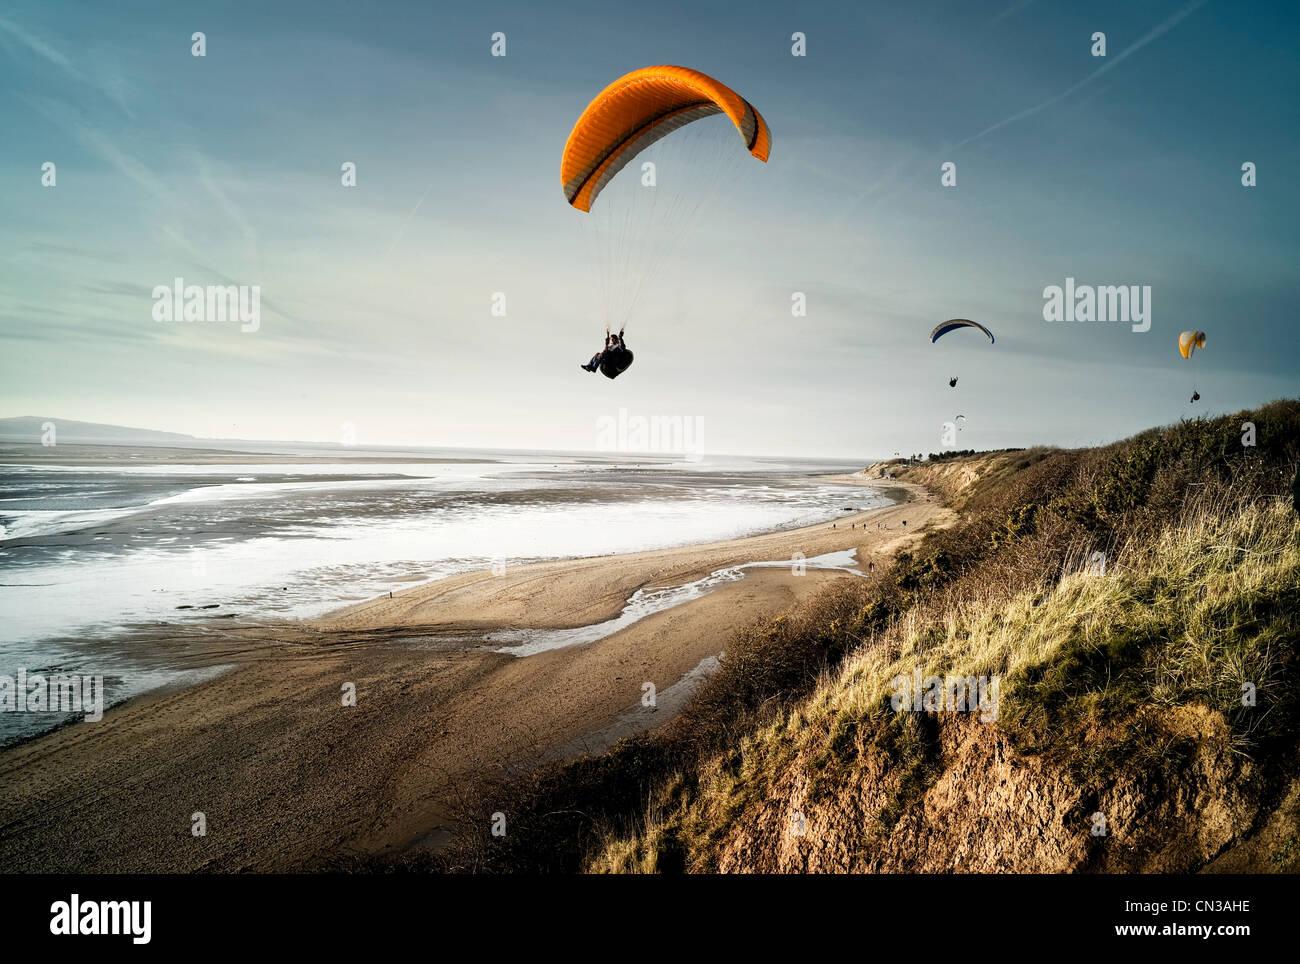 Drachenflieger über Strand Stockbild